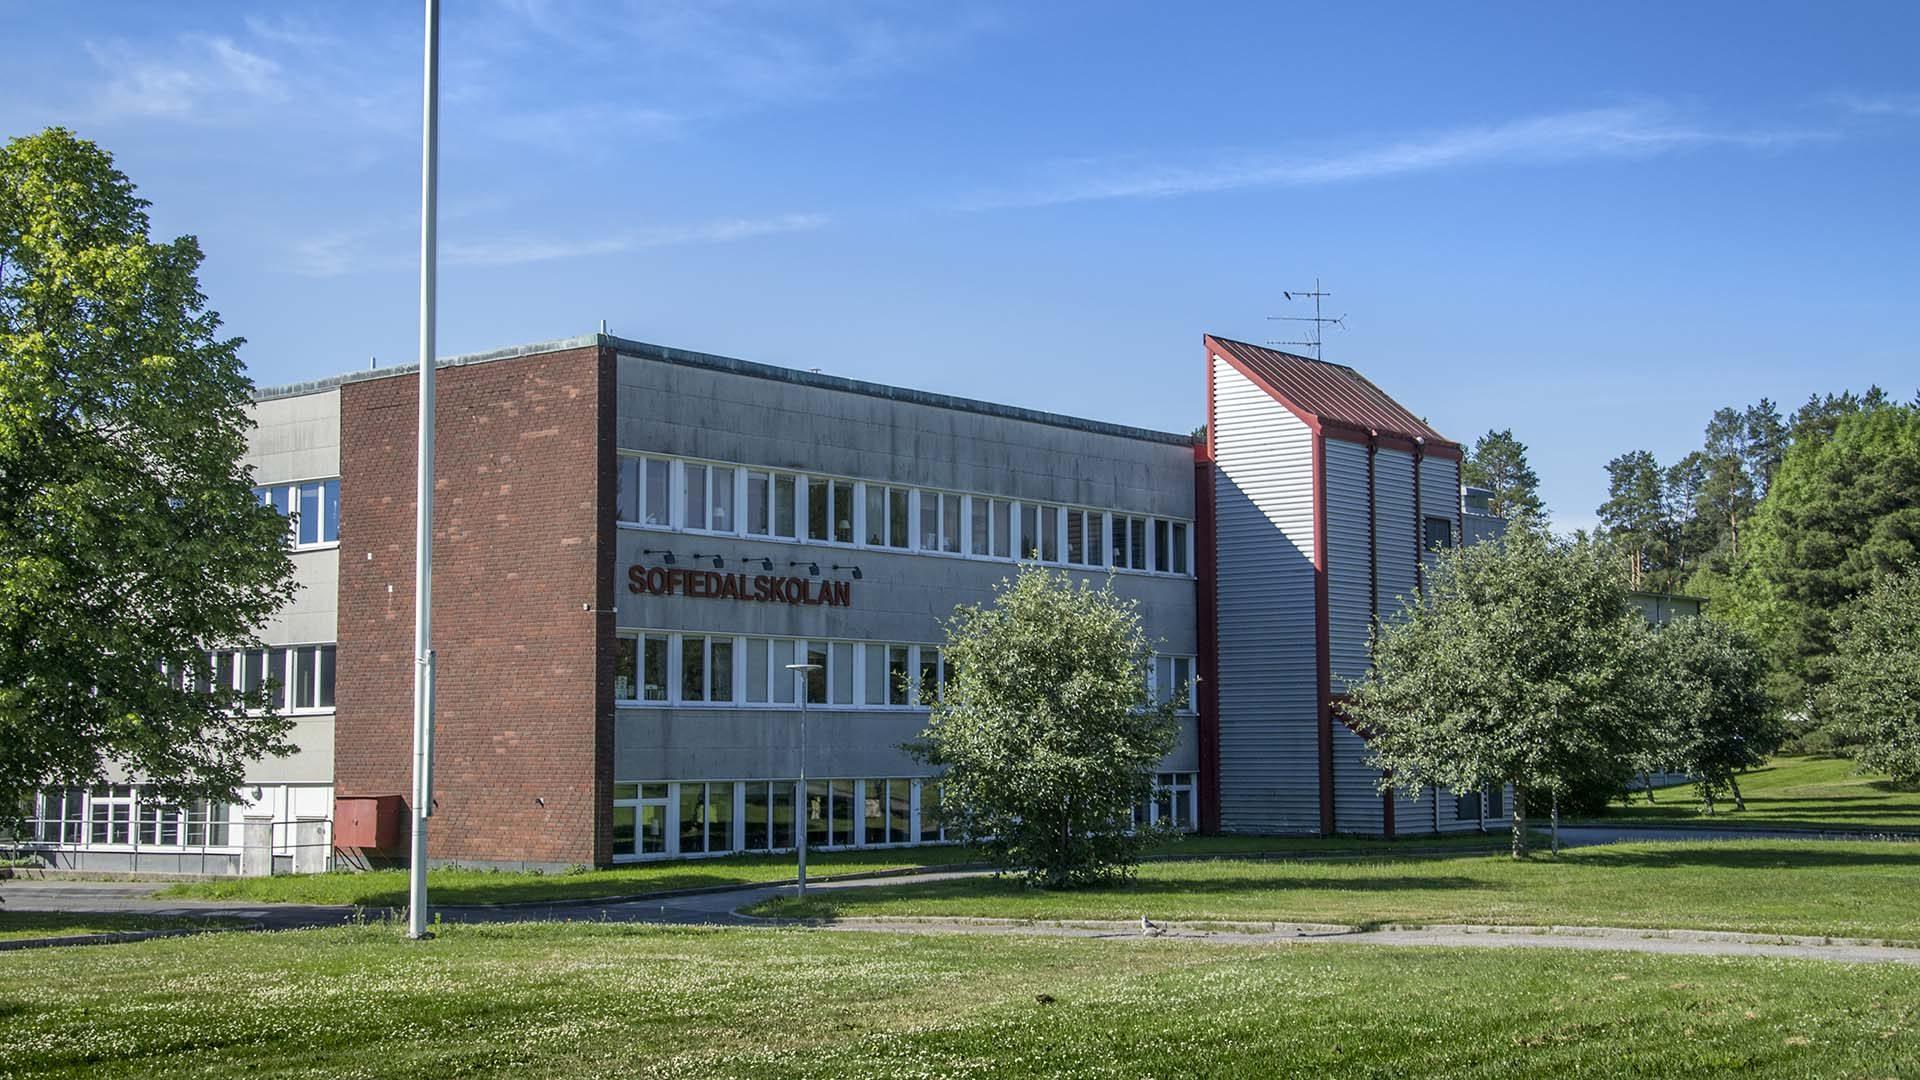 Sofiedalskolan från utsidan